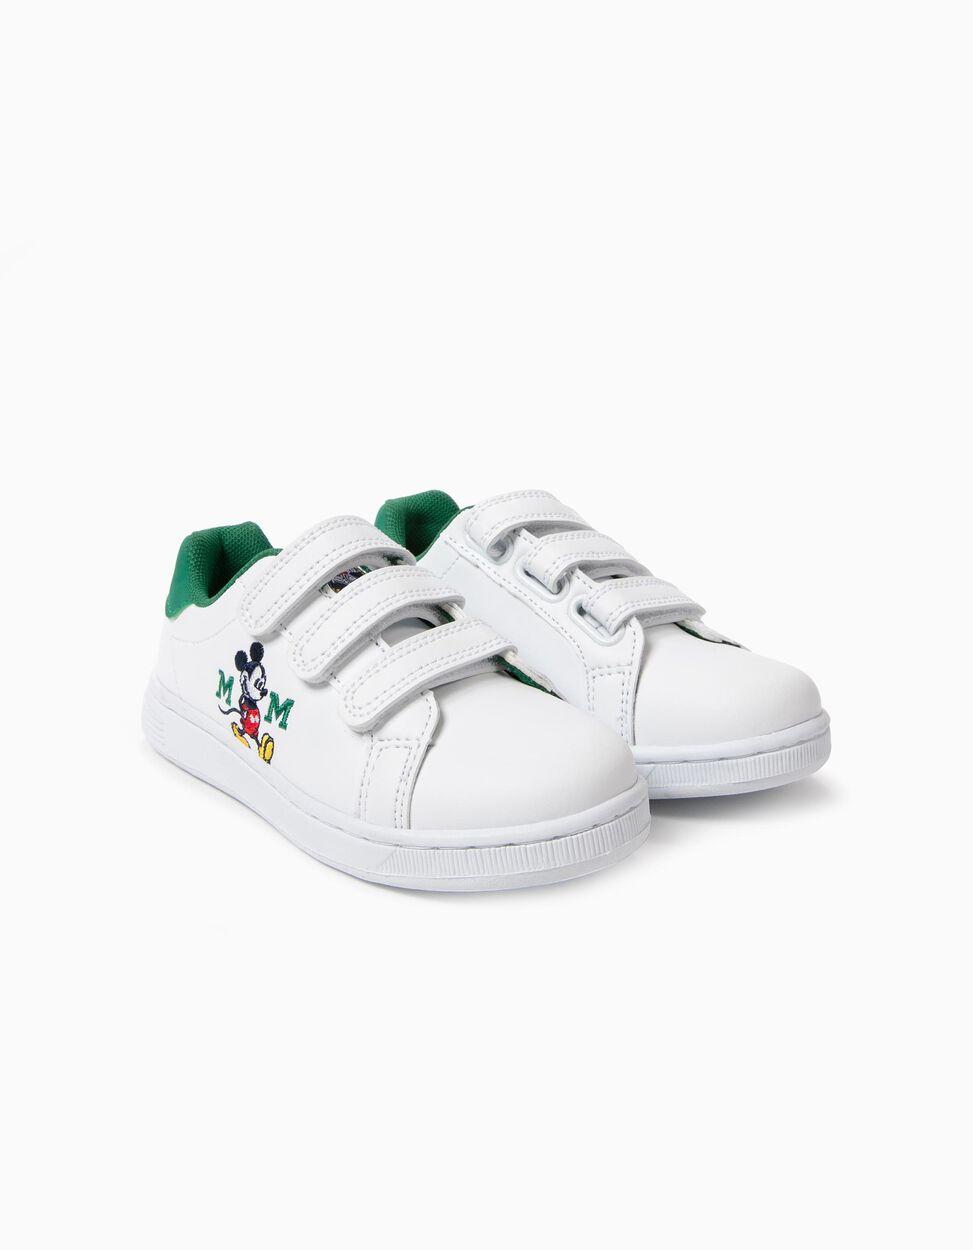 Zapatillas con Cierre Autoadherente Mickey Blancas